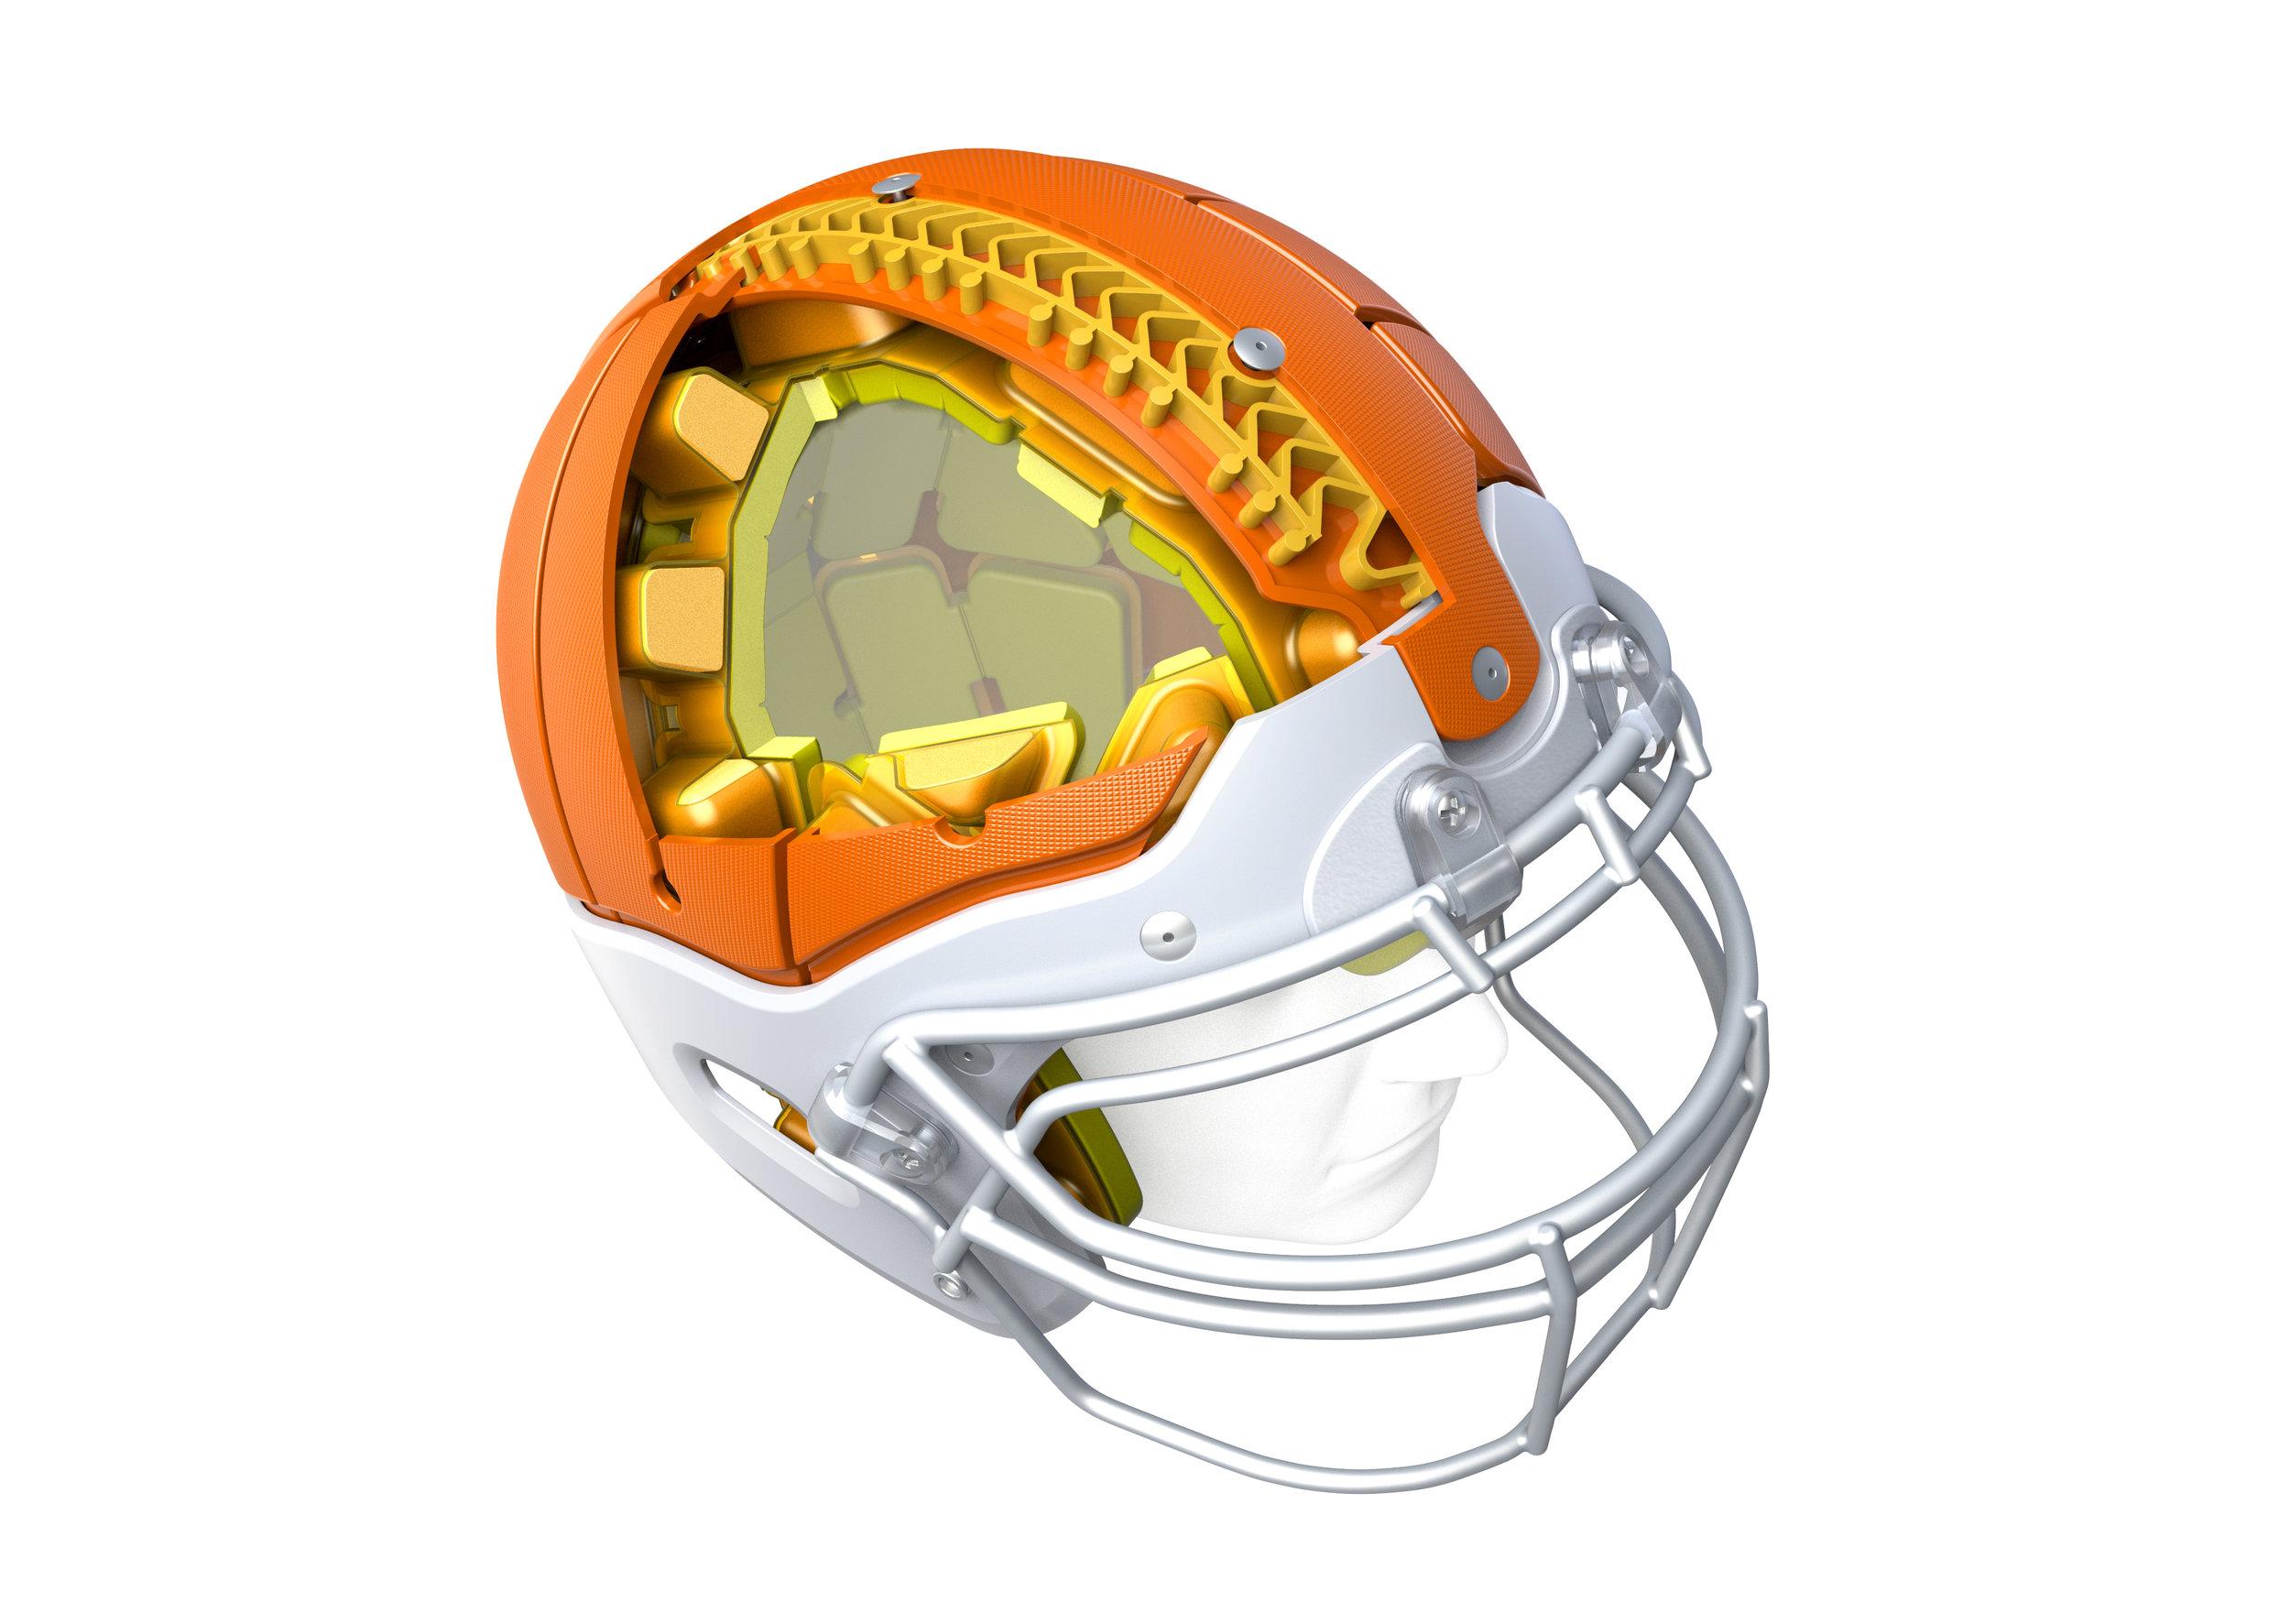 2018-08-23_helmet award render cutaway.jpg